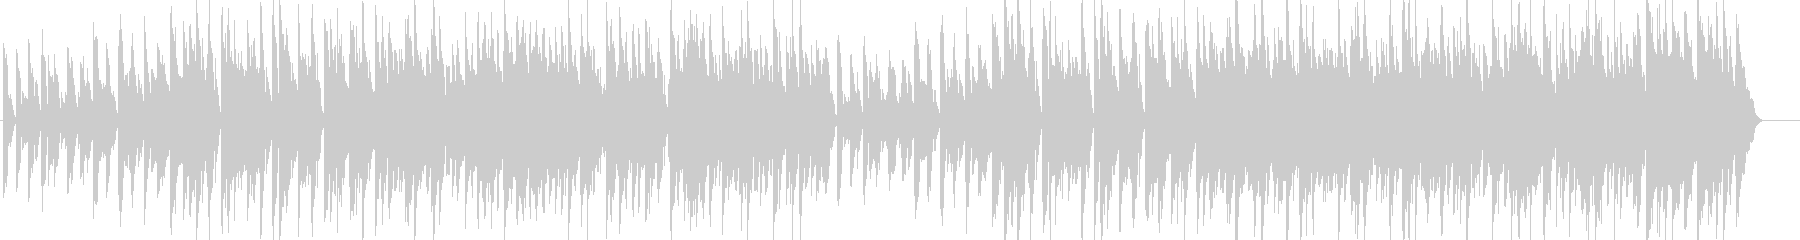 ウキウキ・陽気・軽快・明るい・ピアノの未再生の波形